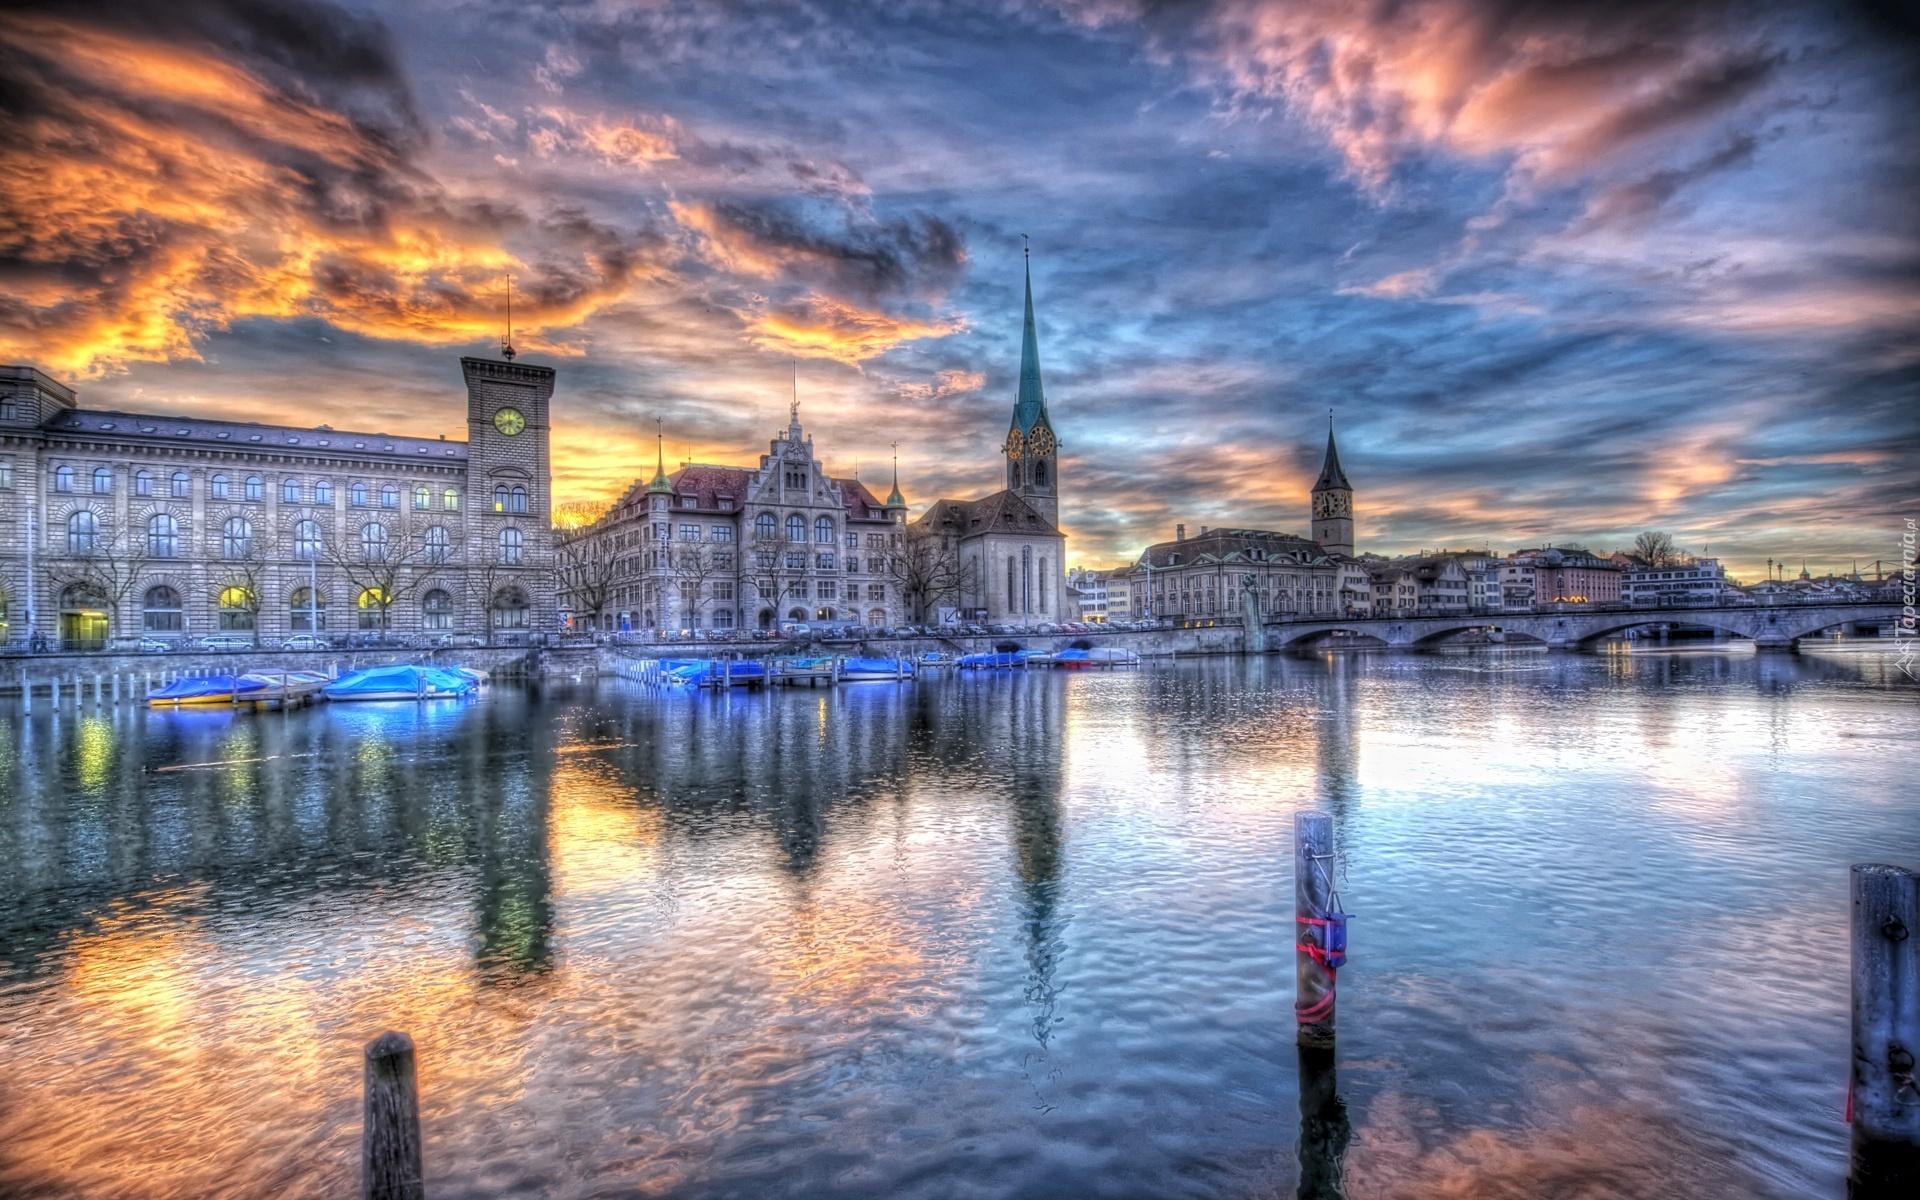 Szwajcaria, Zurych, Miasto, Rzeka, Most